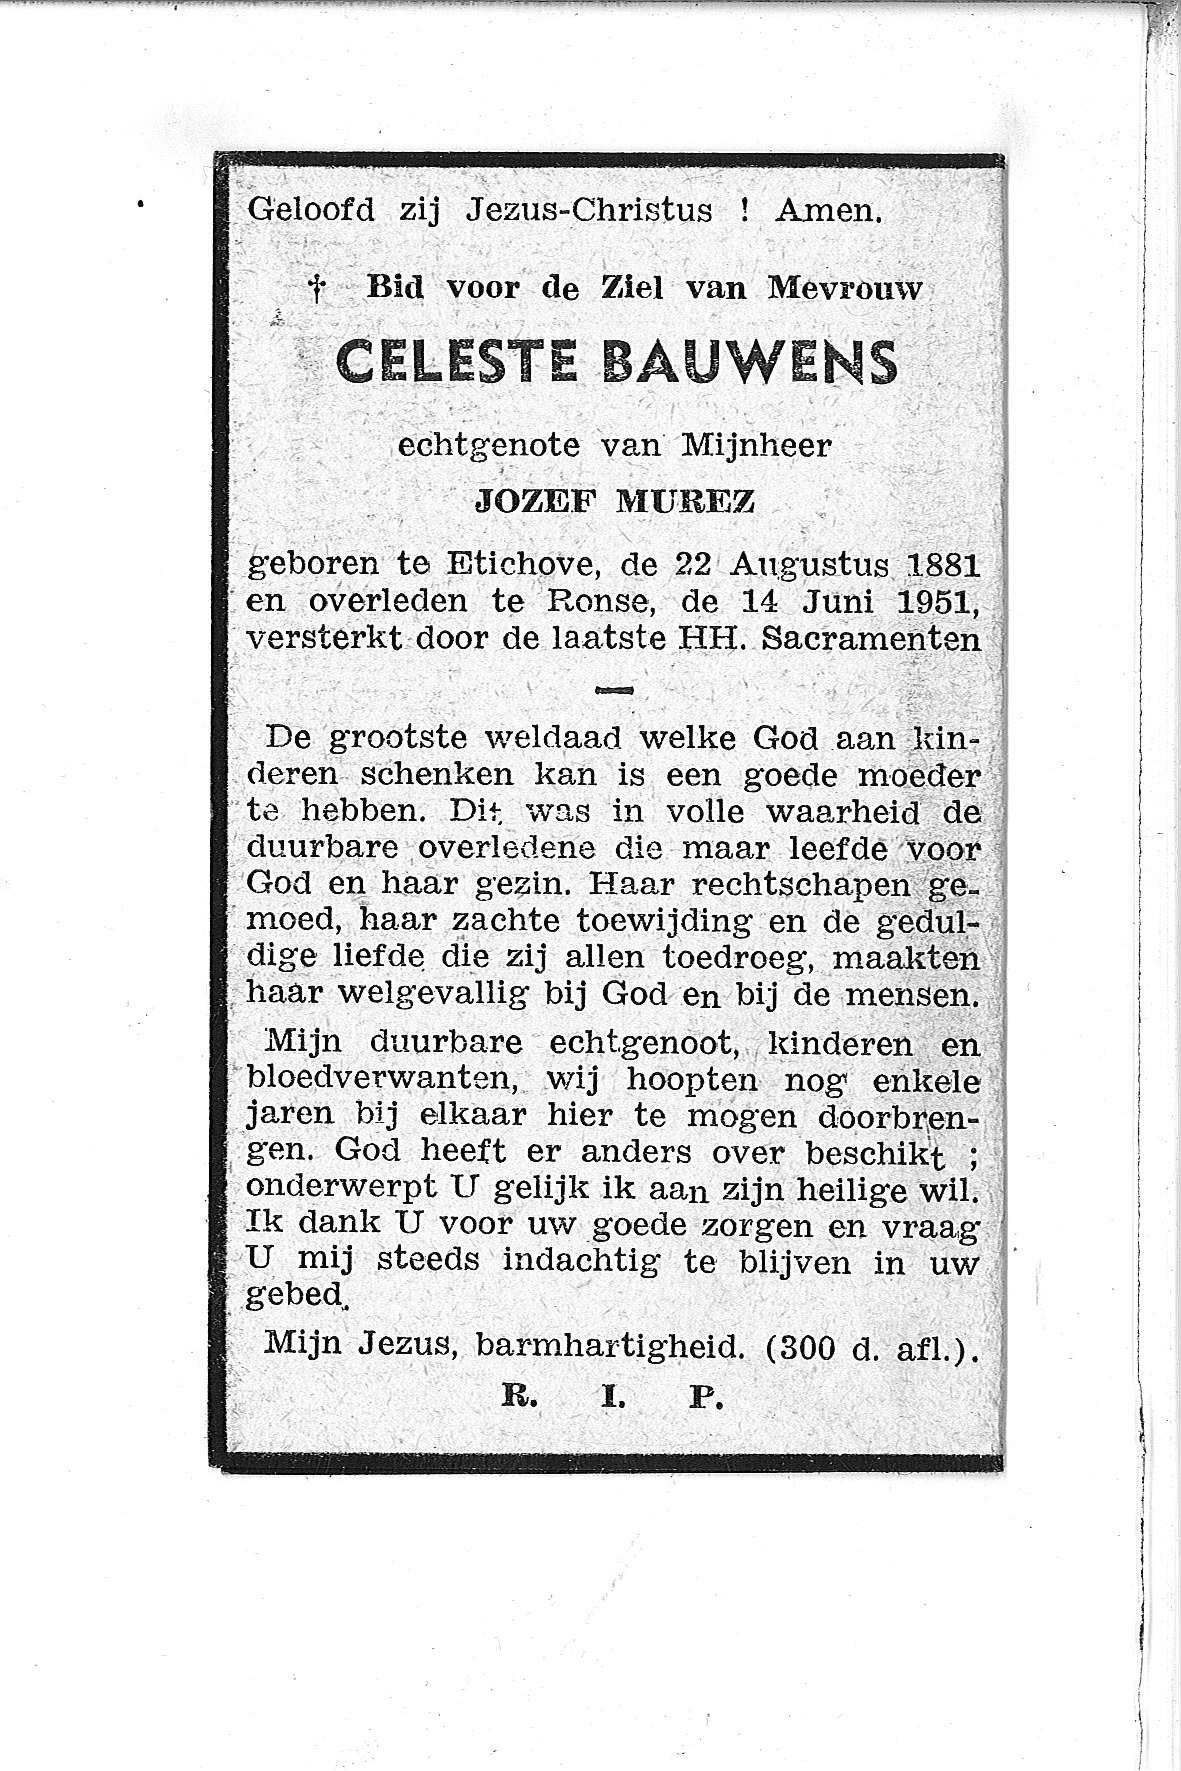 Celeste(1951)20101026103900_00005.jpg